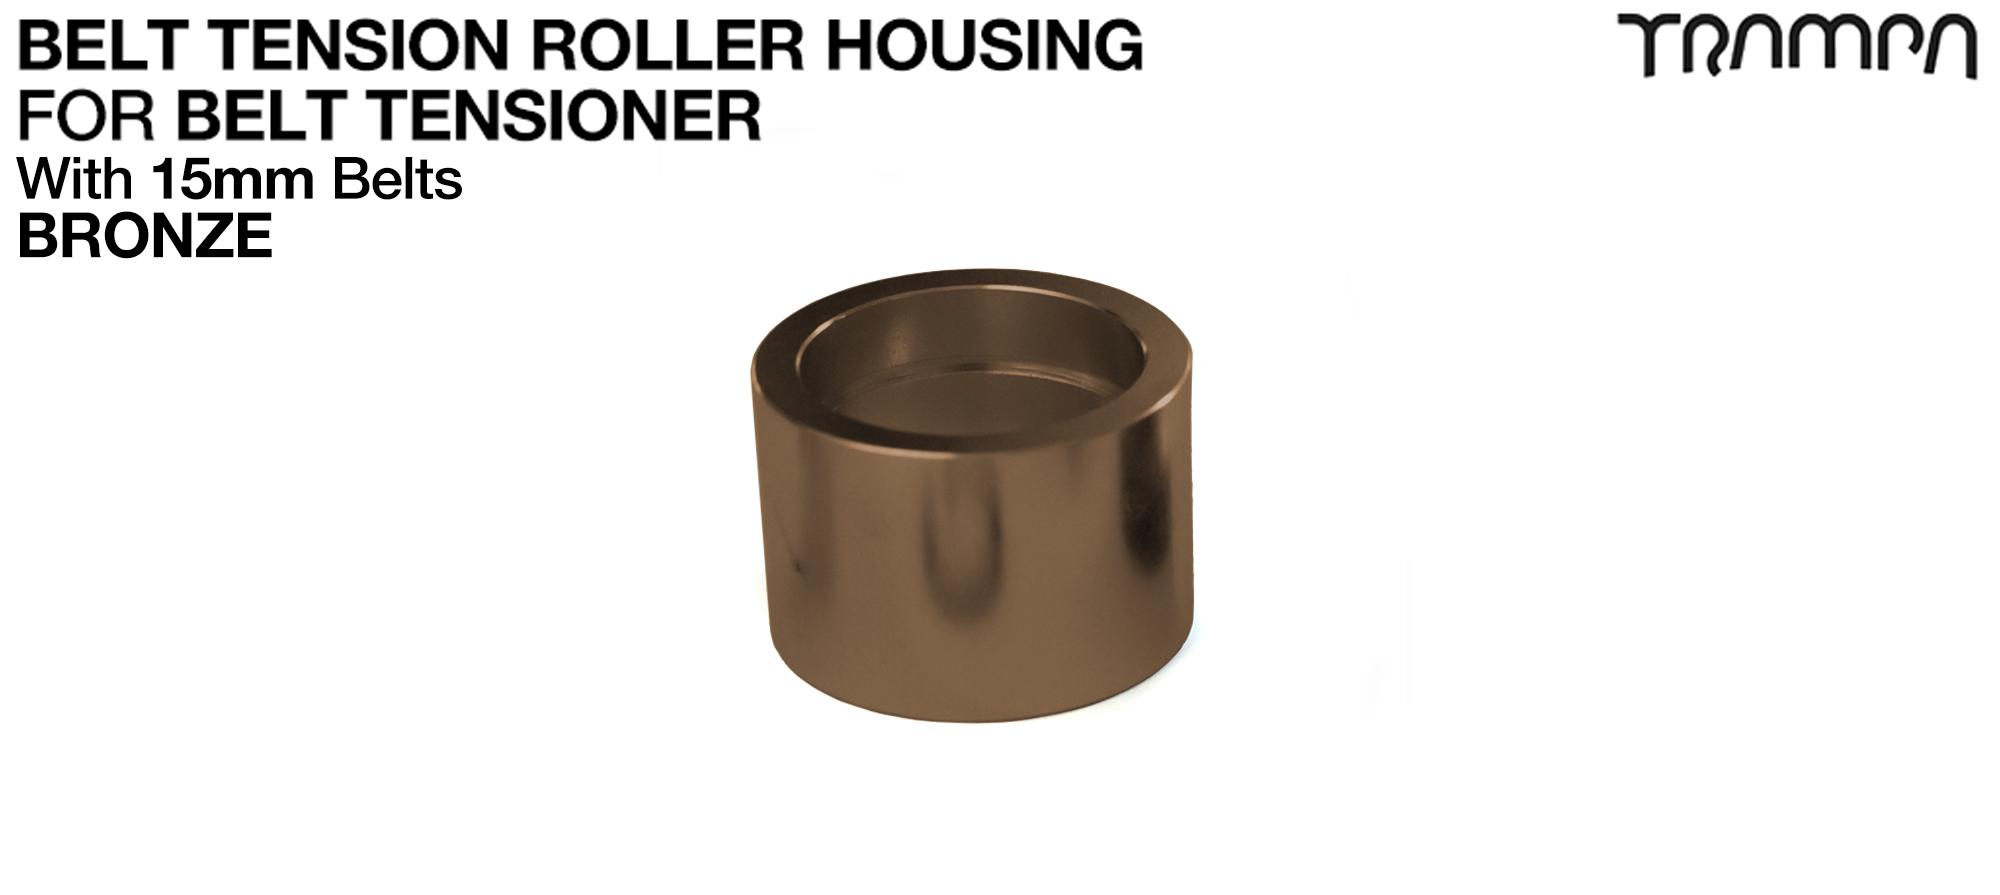 Belt Tension Roller Housing for 15mm Belts - BRONZE